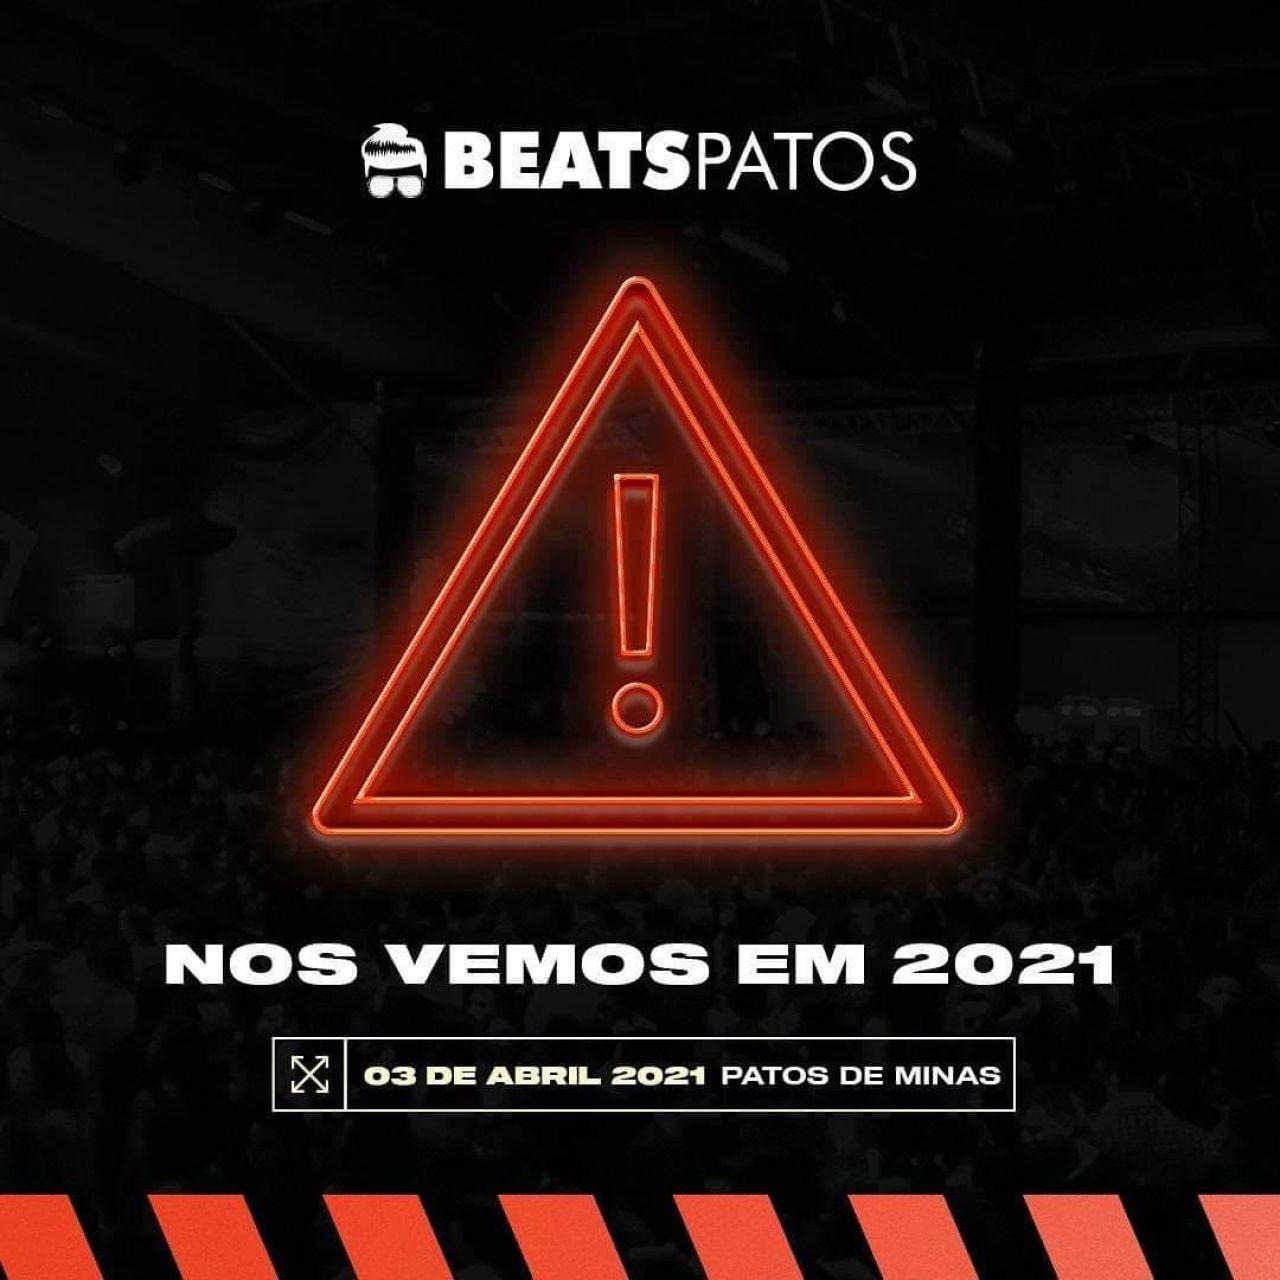 Beats Patos cancela evento de 2020 e adia para 2021